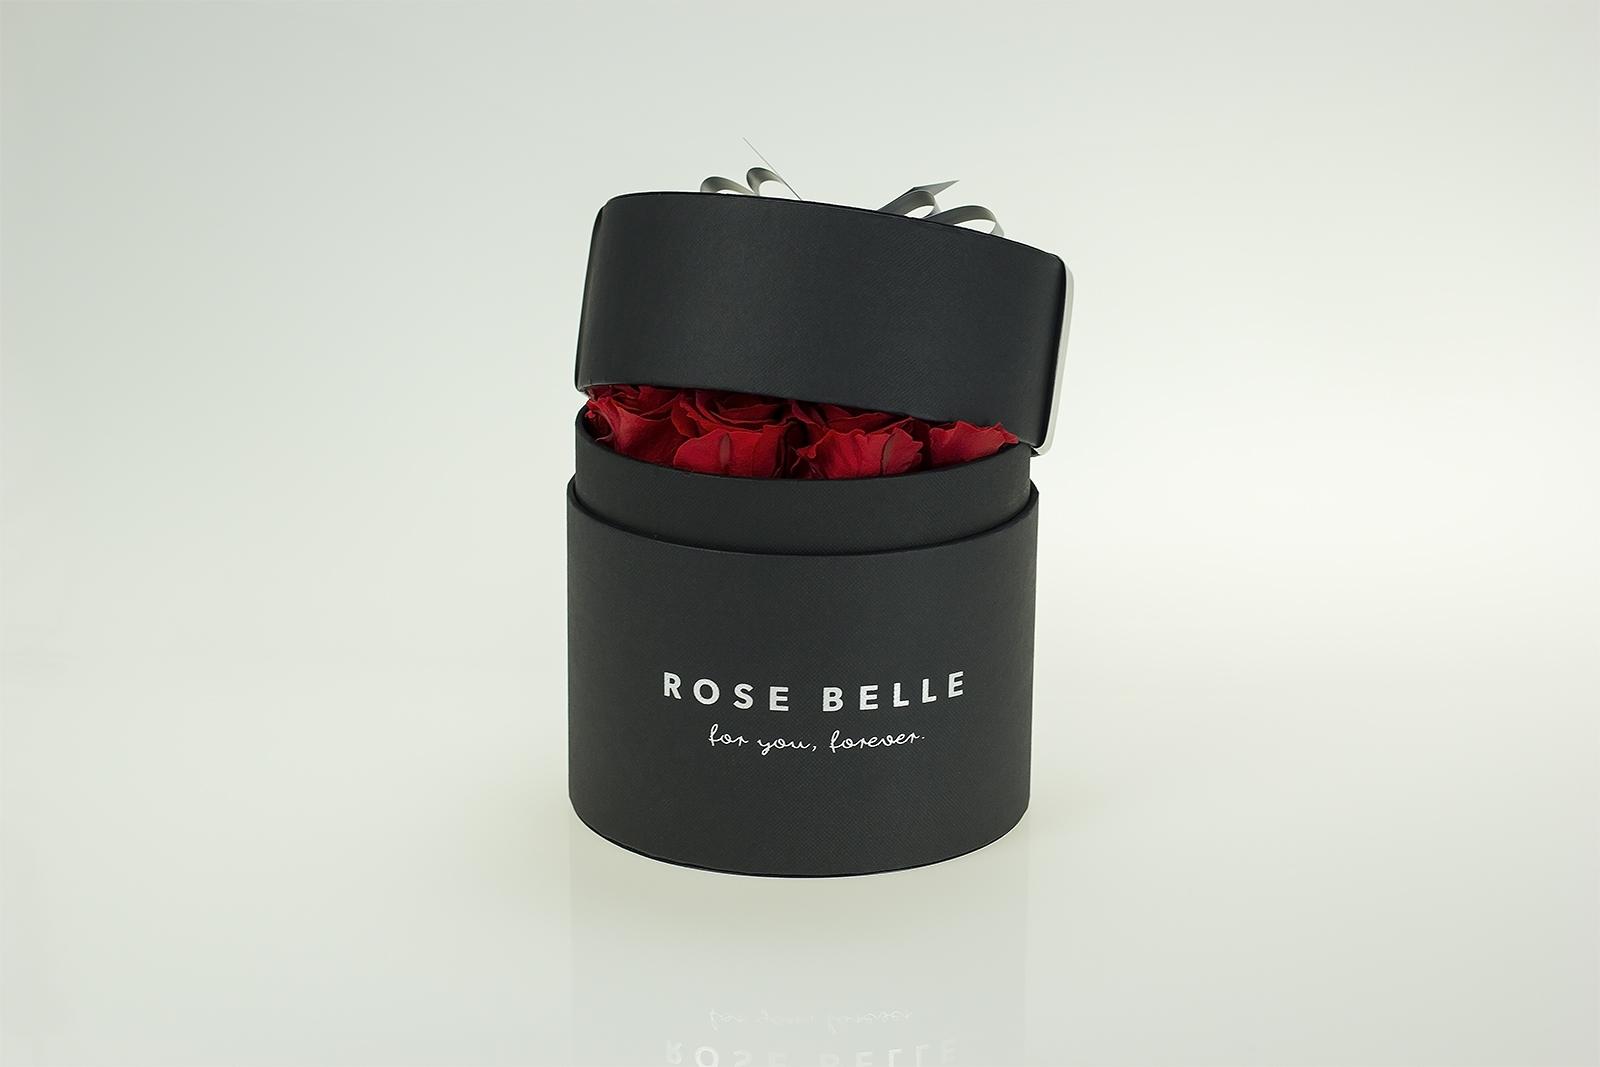 rose belle box geschenkbox mit konservierten rosen. Black Bedroom Furniture Sets. Home Design Ideas